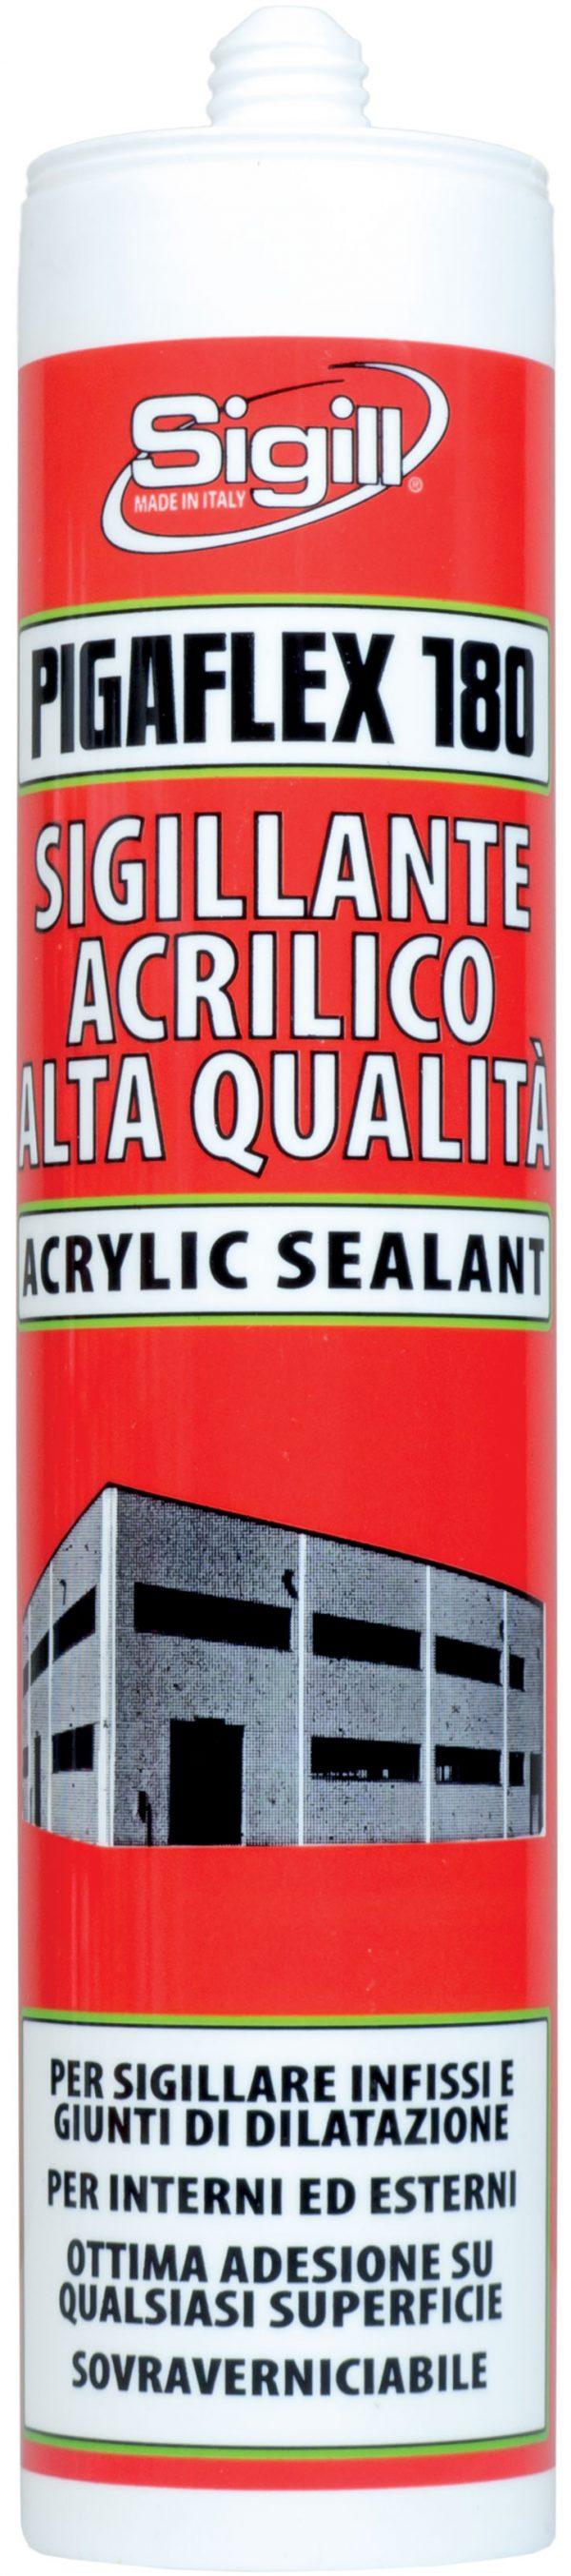 silicone acrilico alta qualità